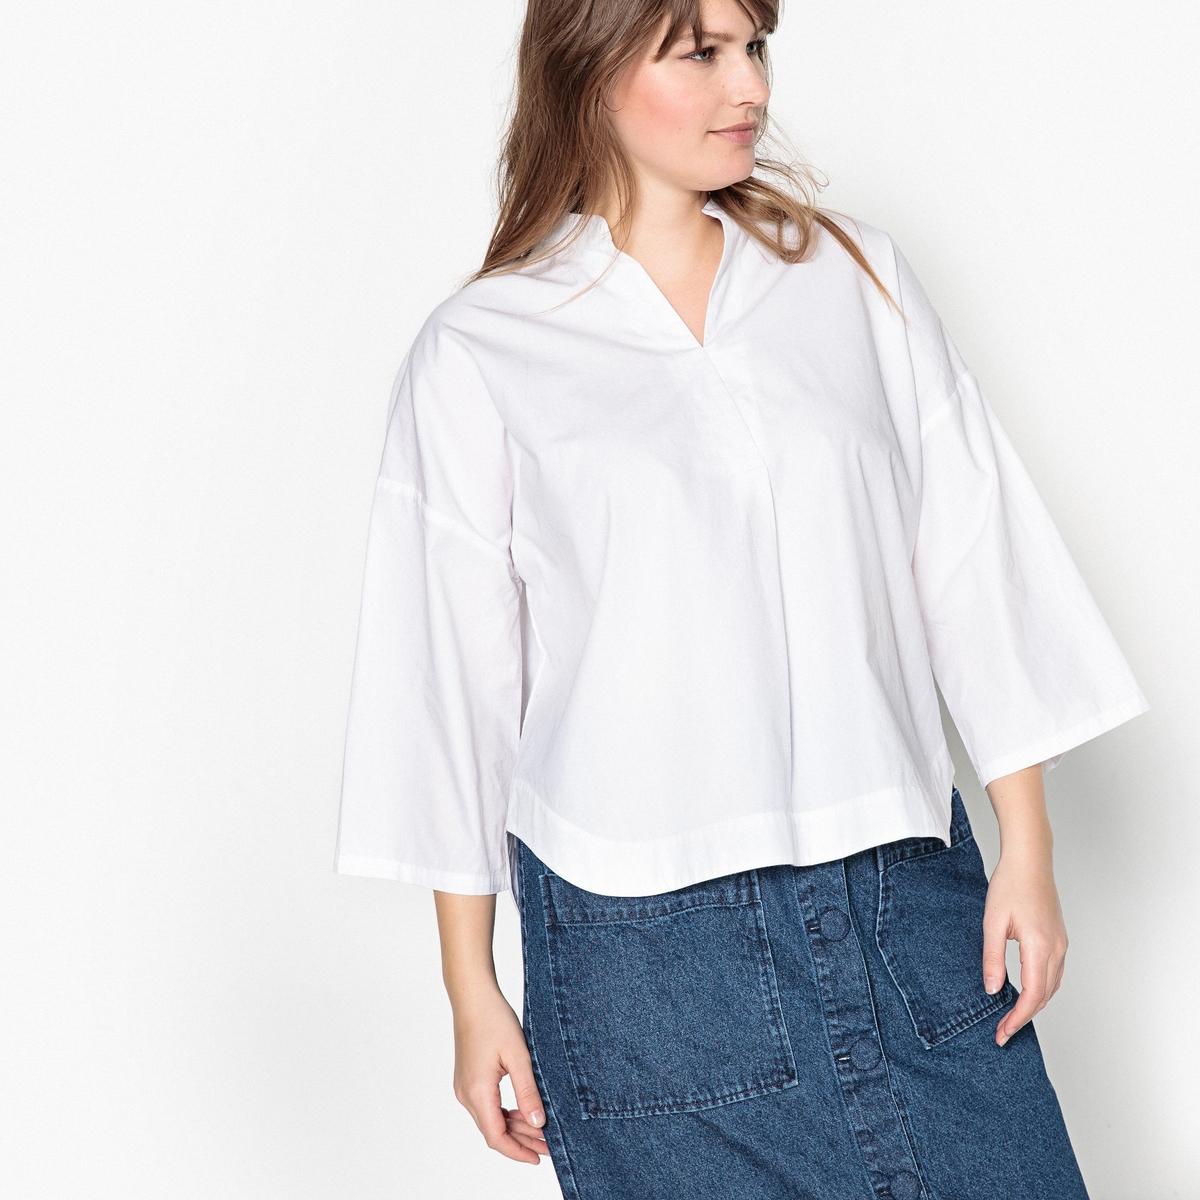 Блузка с круглым вырезом с разрезом спереди и короткими рукавами, 100% хлопок футболка с круглым вырезом с разрезом спереди и длинными рукавами